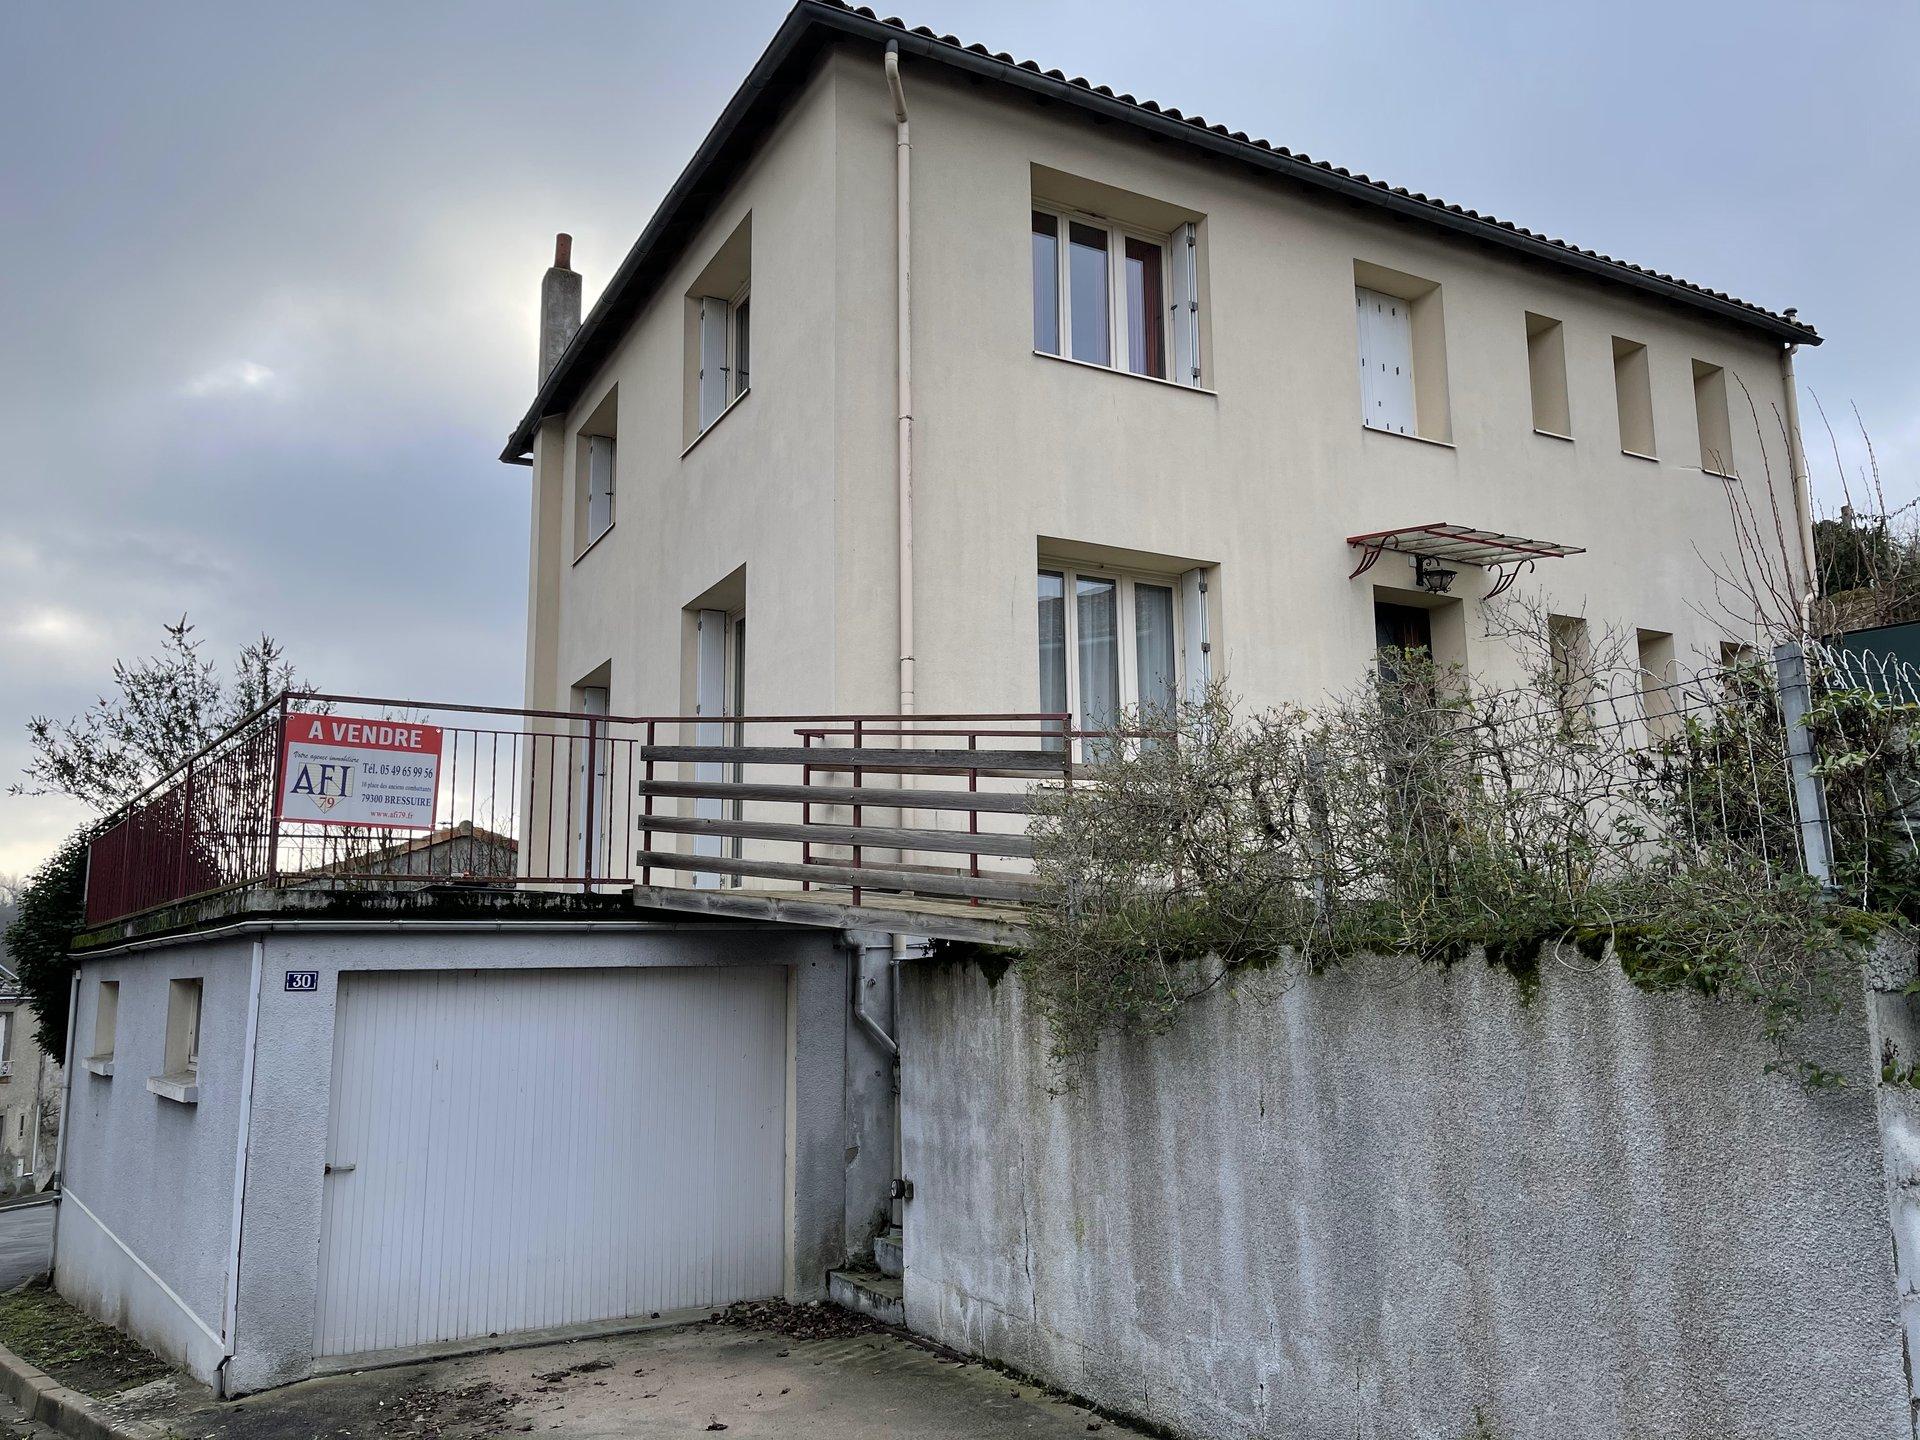 Maison Quartier Historique D'Argenton.